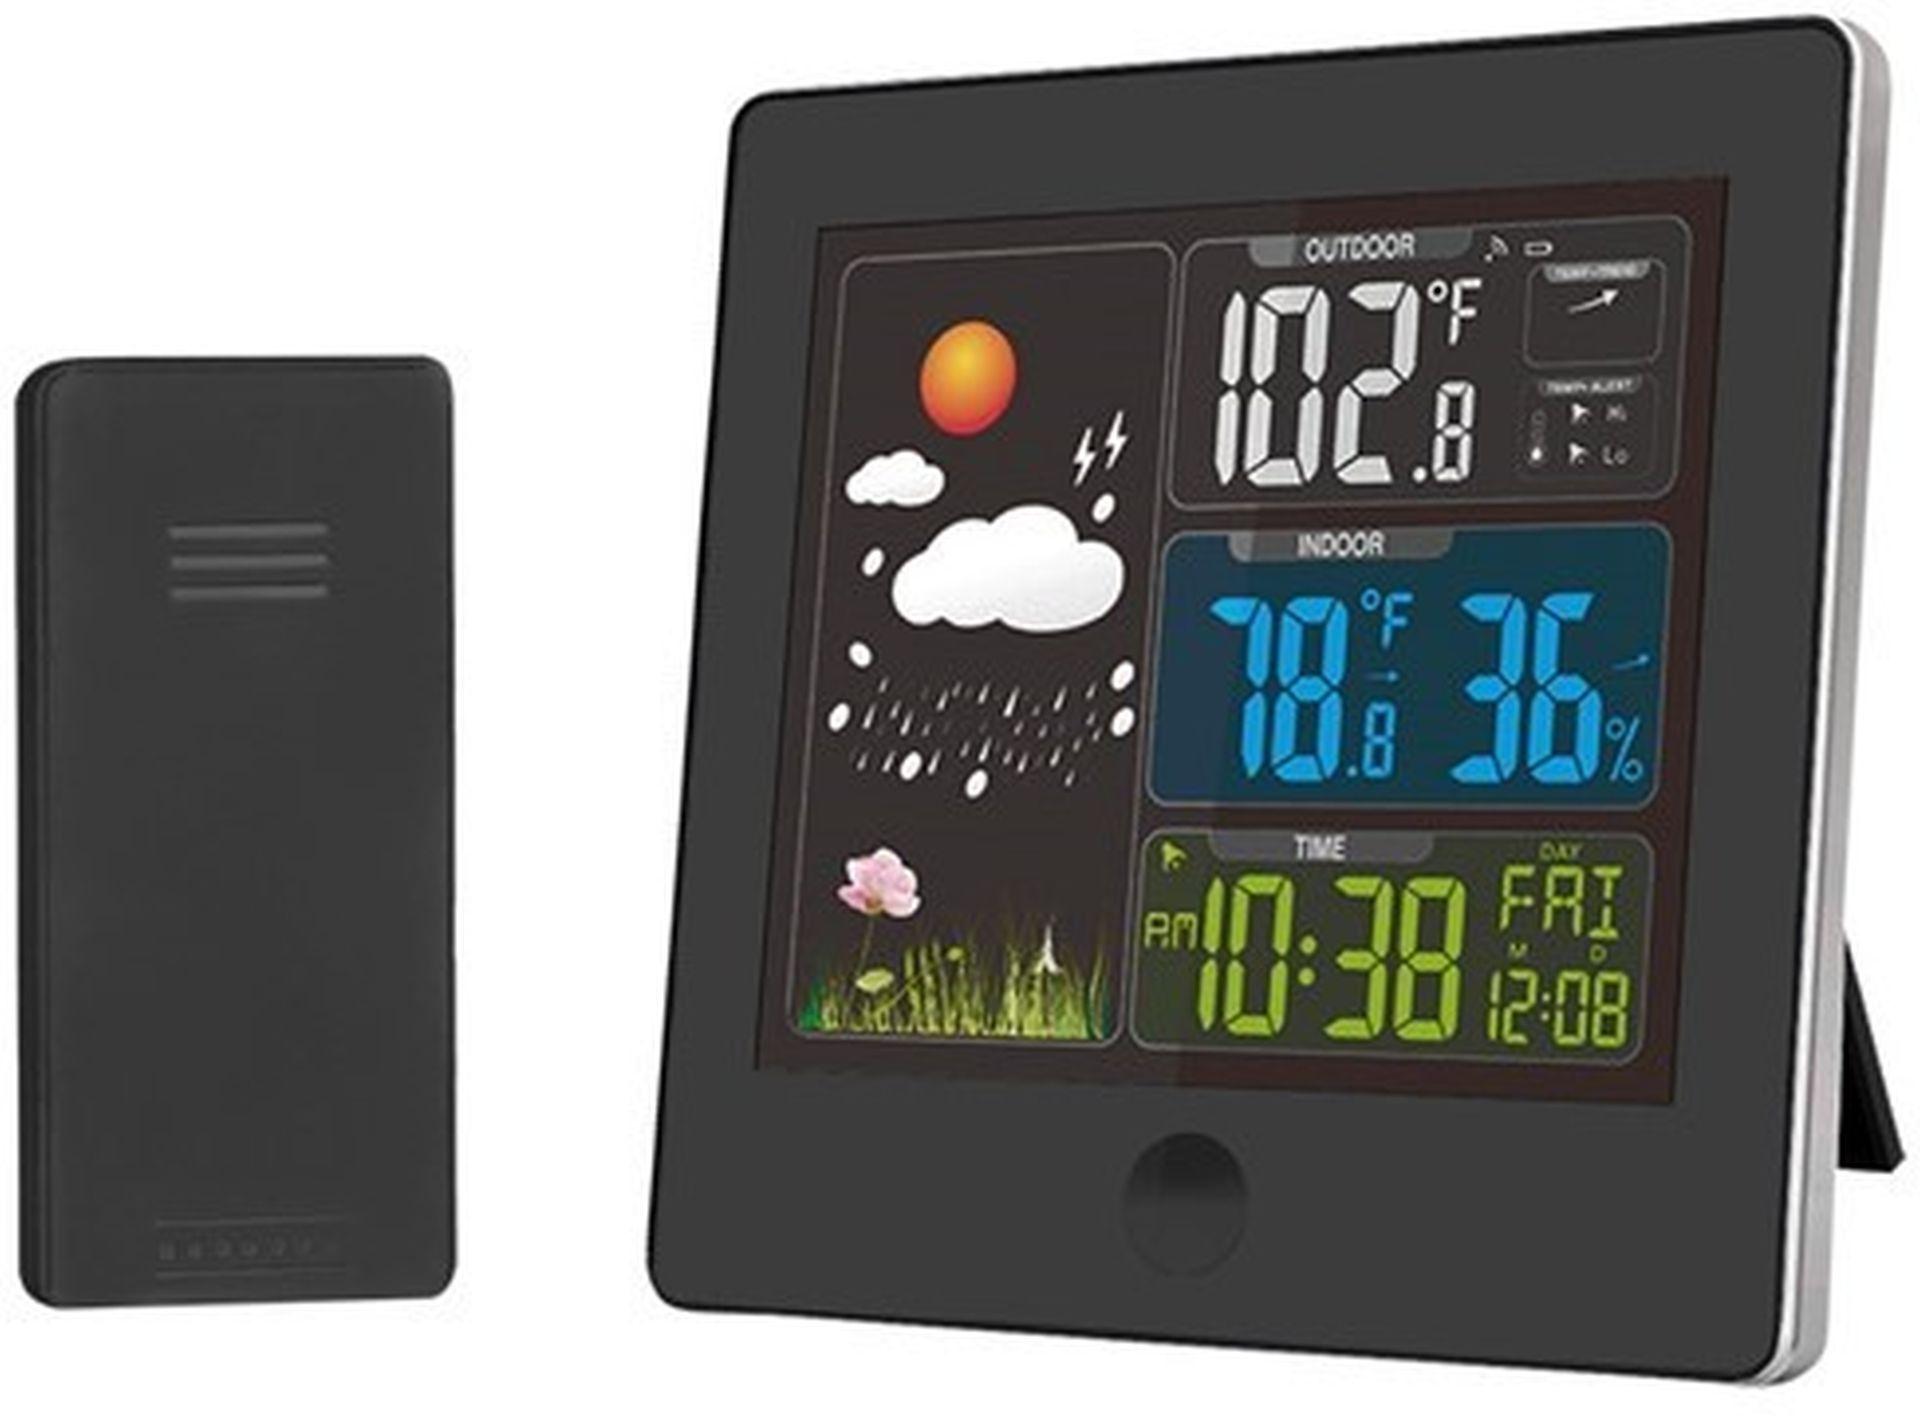 SOLIGHT meteostanice, barevný LCD, teplota, vlhkost,RCC, černá TE80